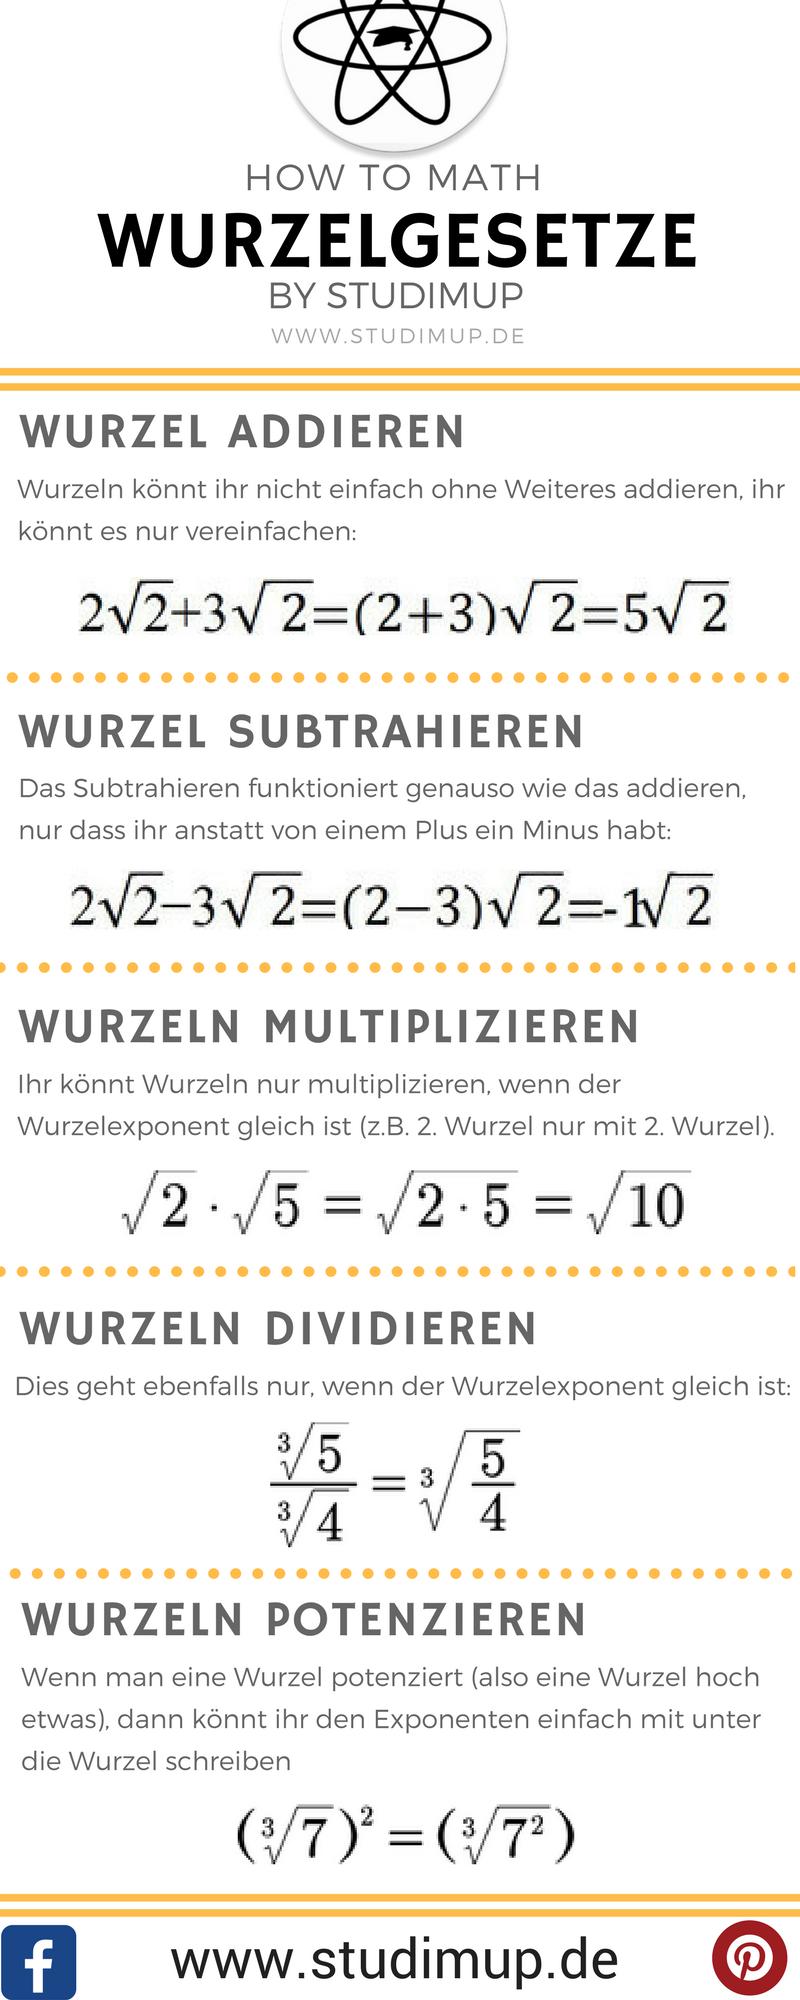 Wurzelgesetze im Mathe Spickzettel von Studimup. Einfach Mathe lernen. #math